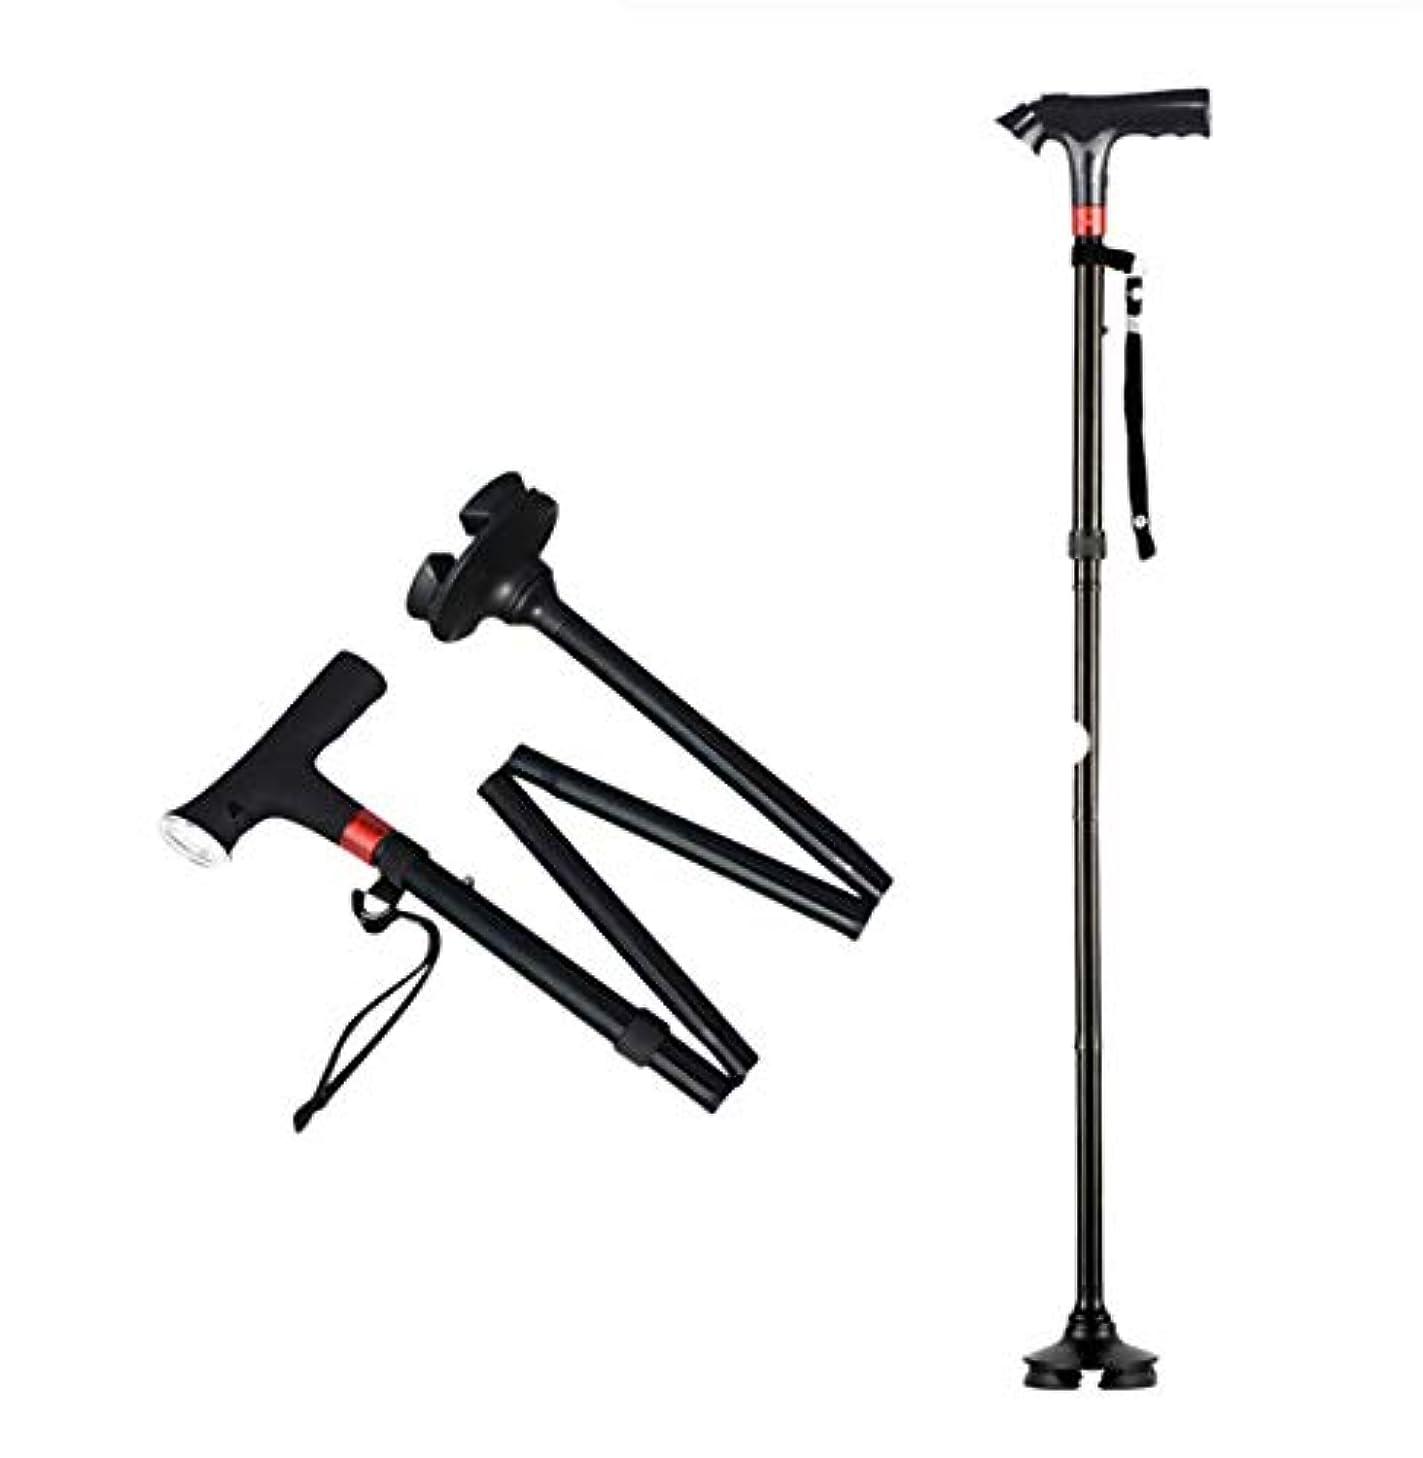 パーセント殺人者小売松葉杖携帯用杖高さLEDライト滑り止め杖調節可能な歩行松葉杖アラーム高齢者用杖